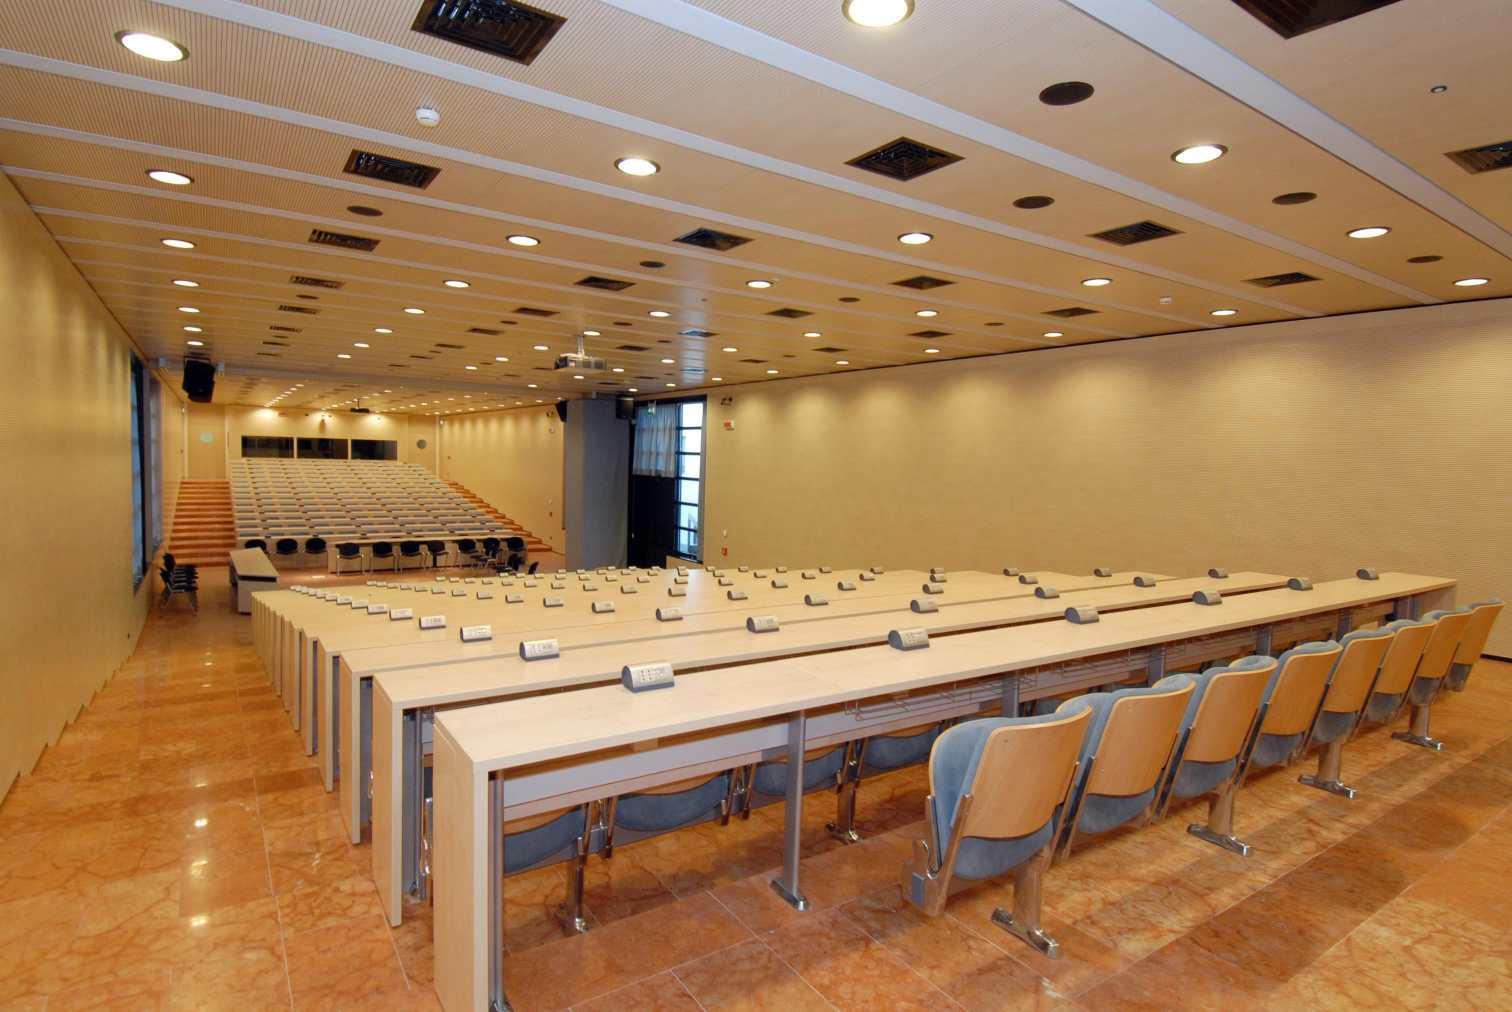 Dimensioni Sala Conferenze 100 Posti.Sale E Spazi Per Convegni Unitrento